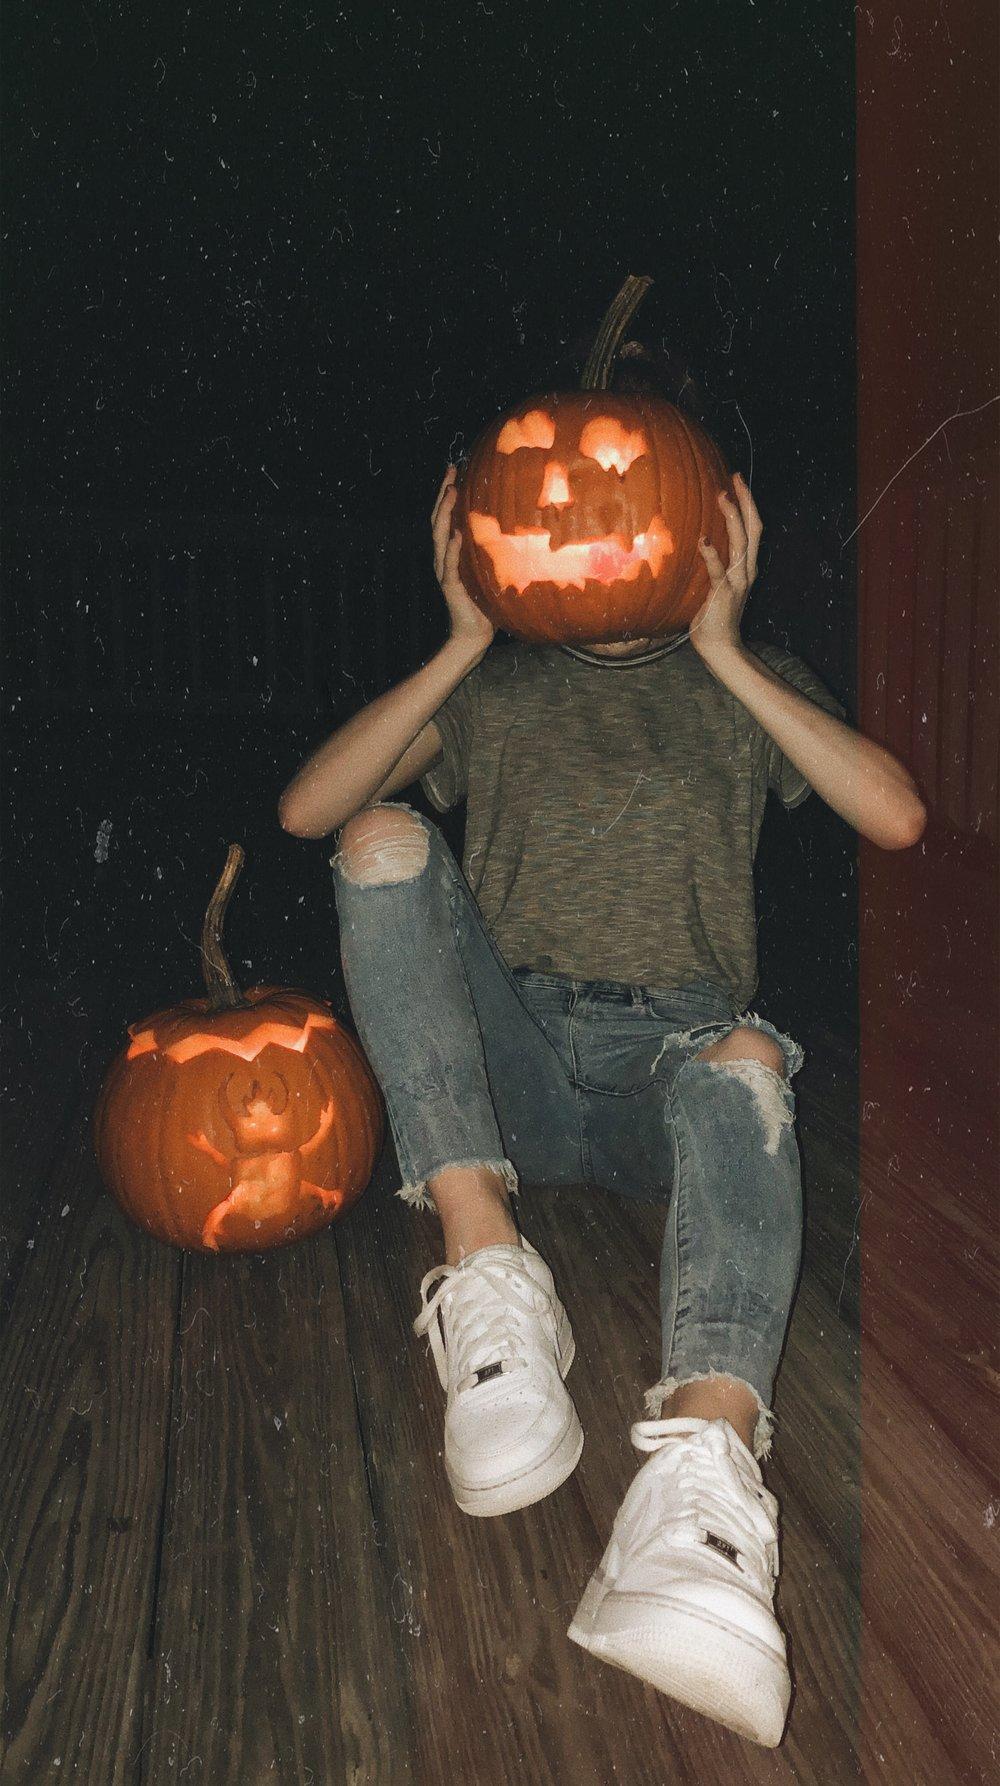 spookysadie